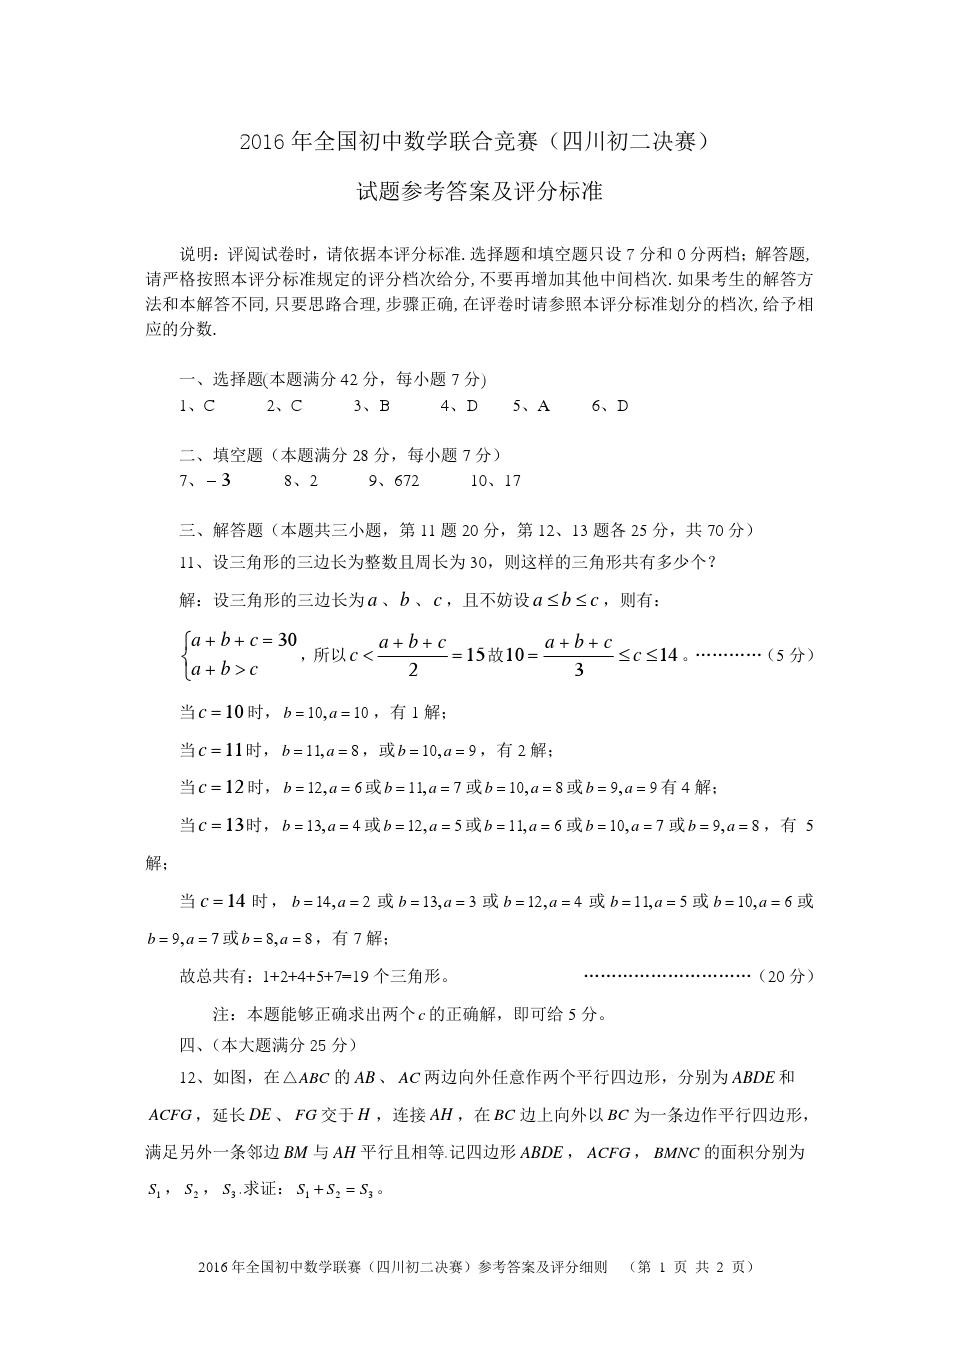 2016年四川初二联赛初中(参考)招聘答案及决赛评分数学杭州历史图片